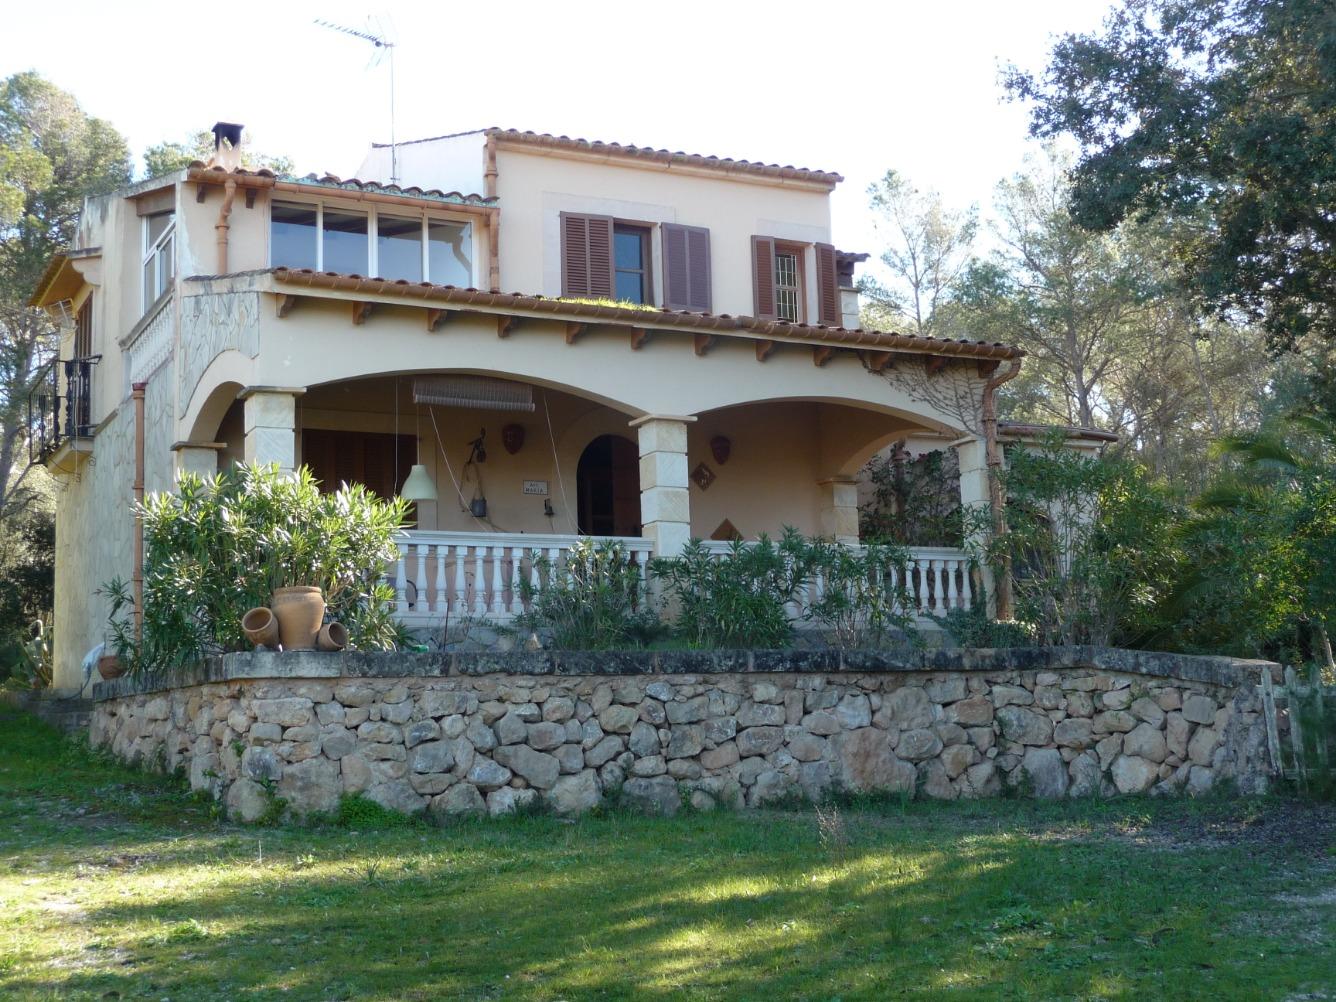 Alquiler Casa  Camino des cavallers. Chalet independiente en algaida, con piscina y garaje, recibidor